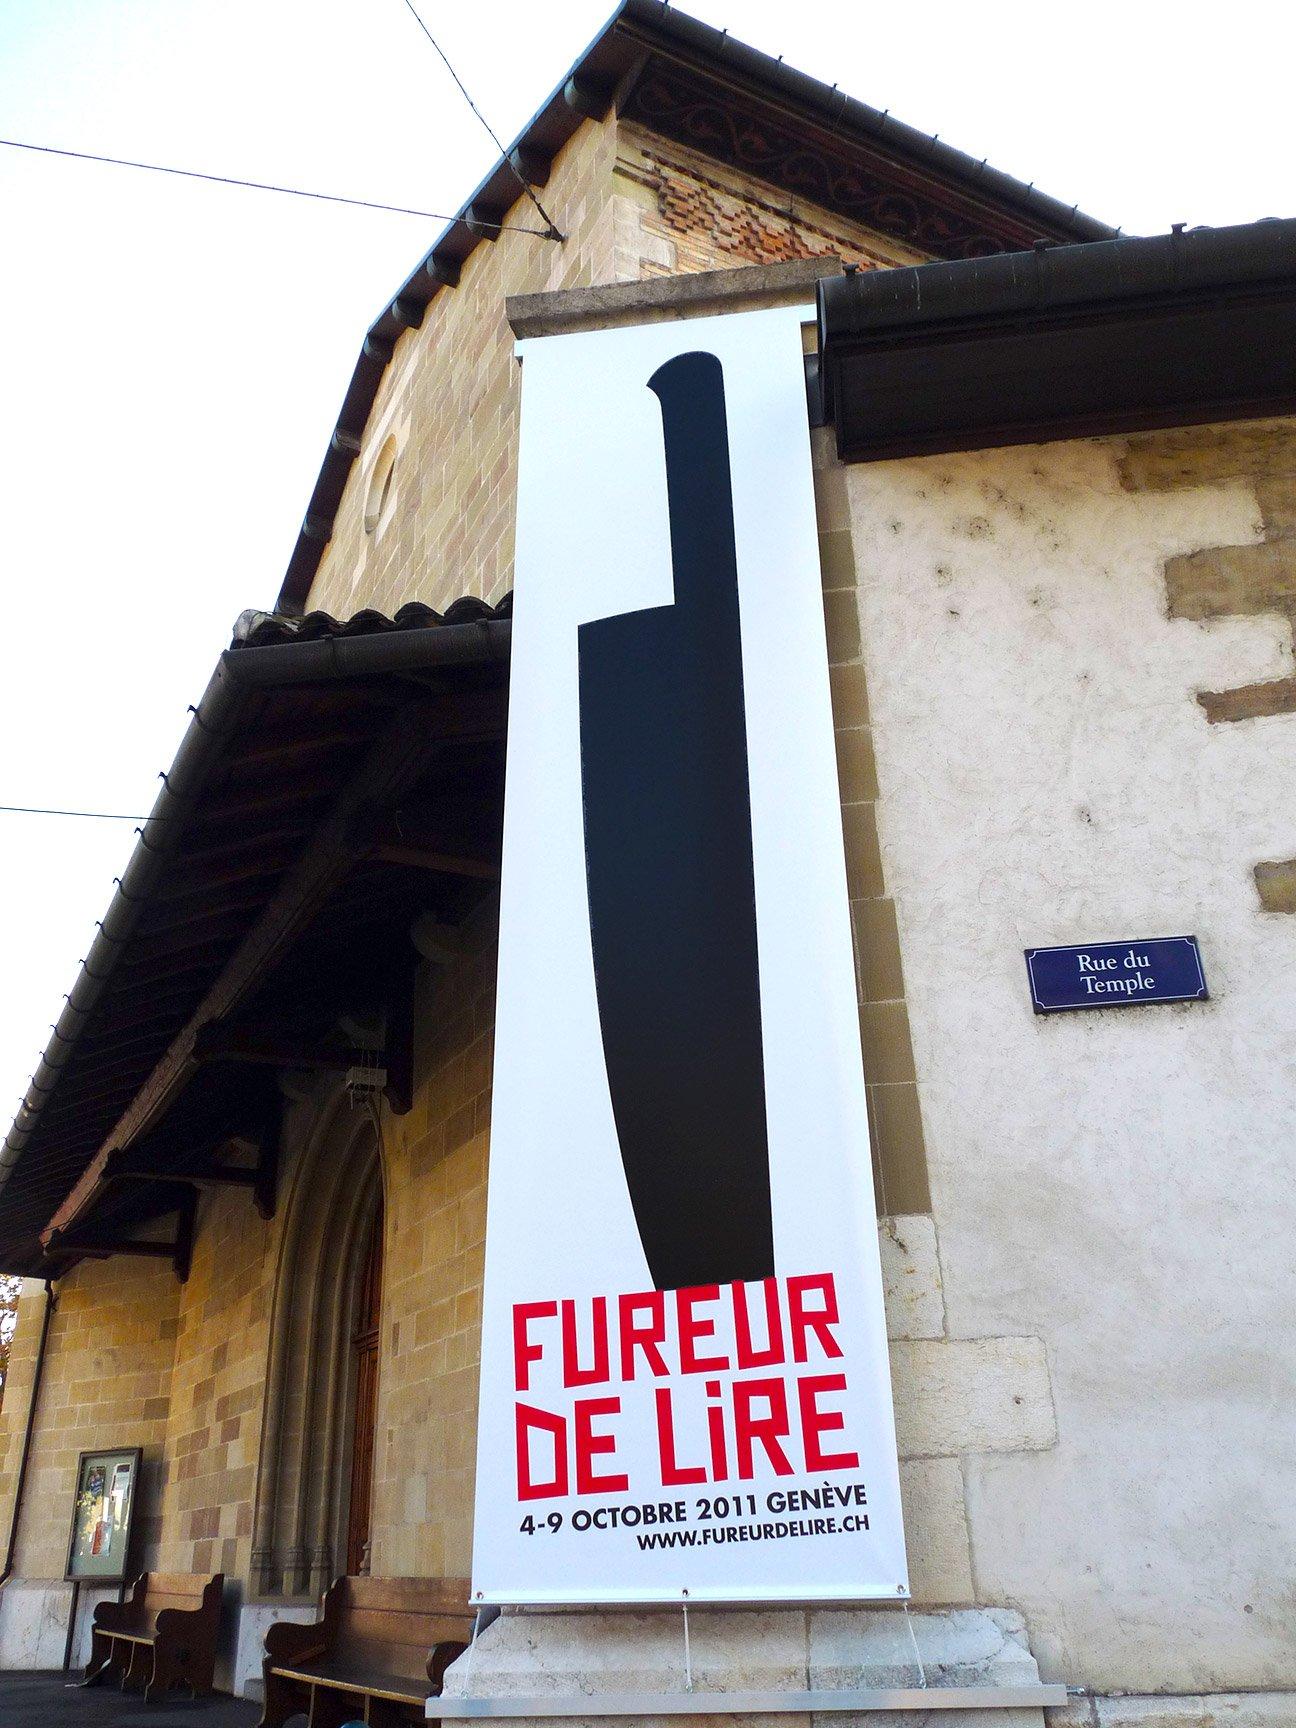 fabien_cuffel_festival_litteraire_fureur_lire_2011_siganletique_oriflamme